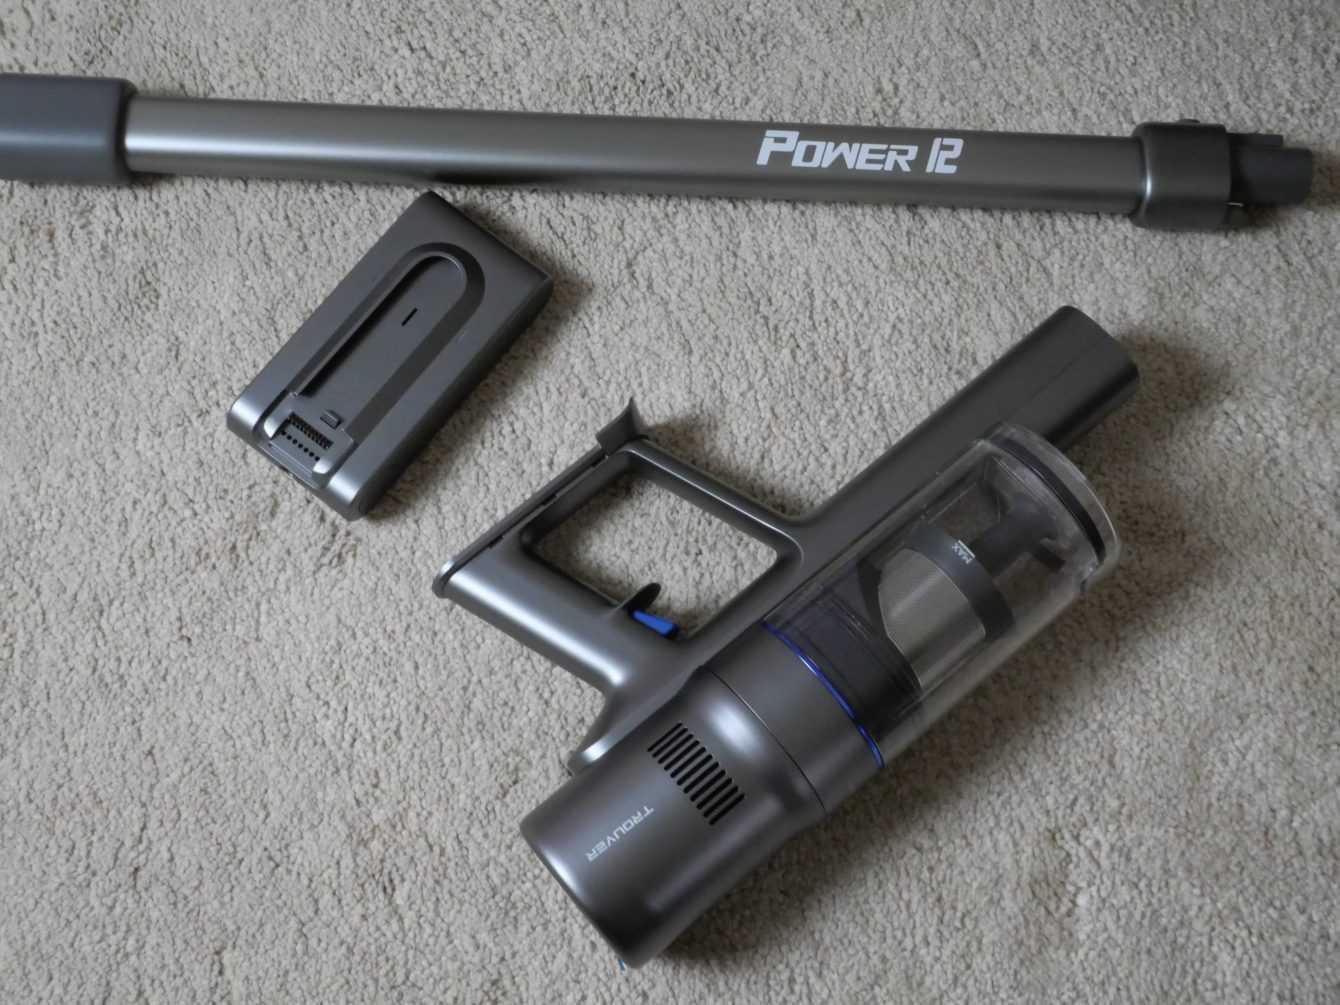 Recensione TROUVER POWER 12: un aspirapolvere leggero e dall'ottimo design